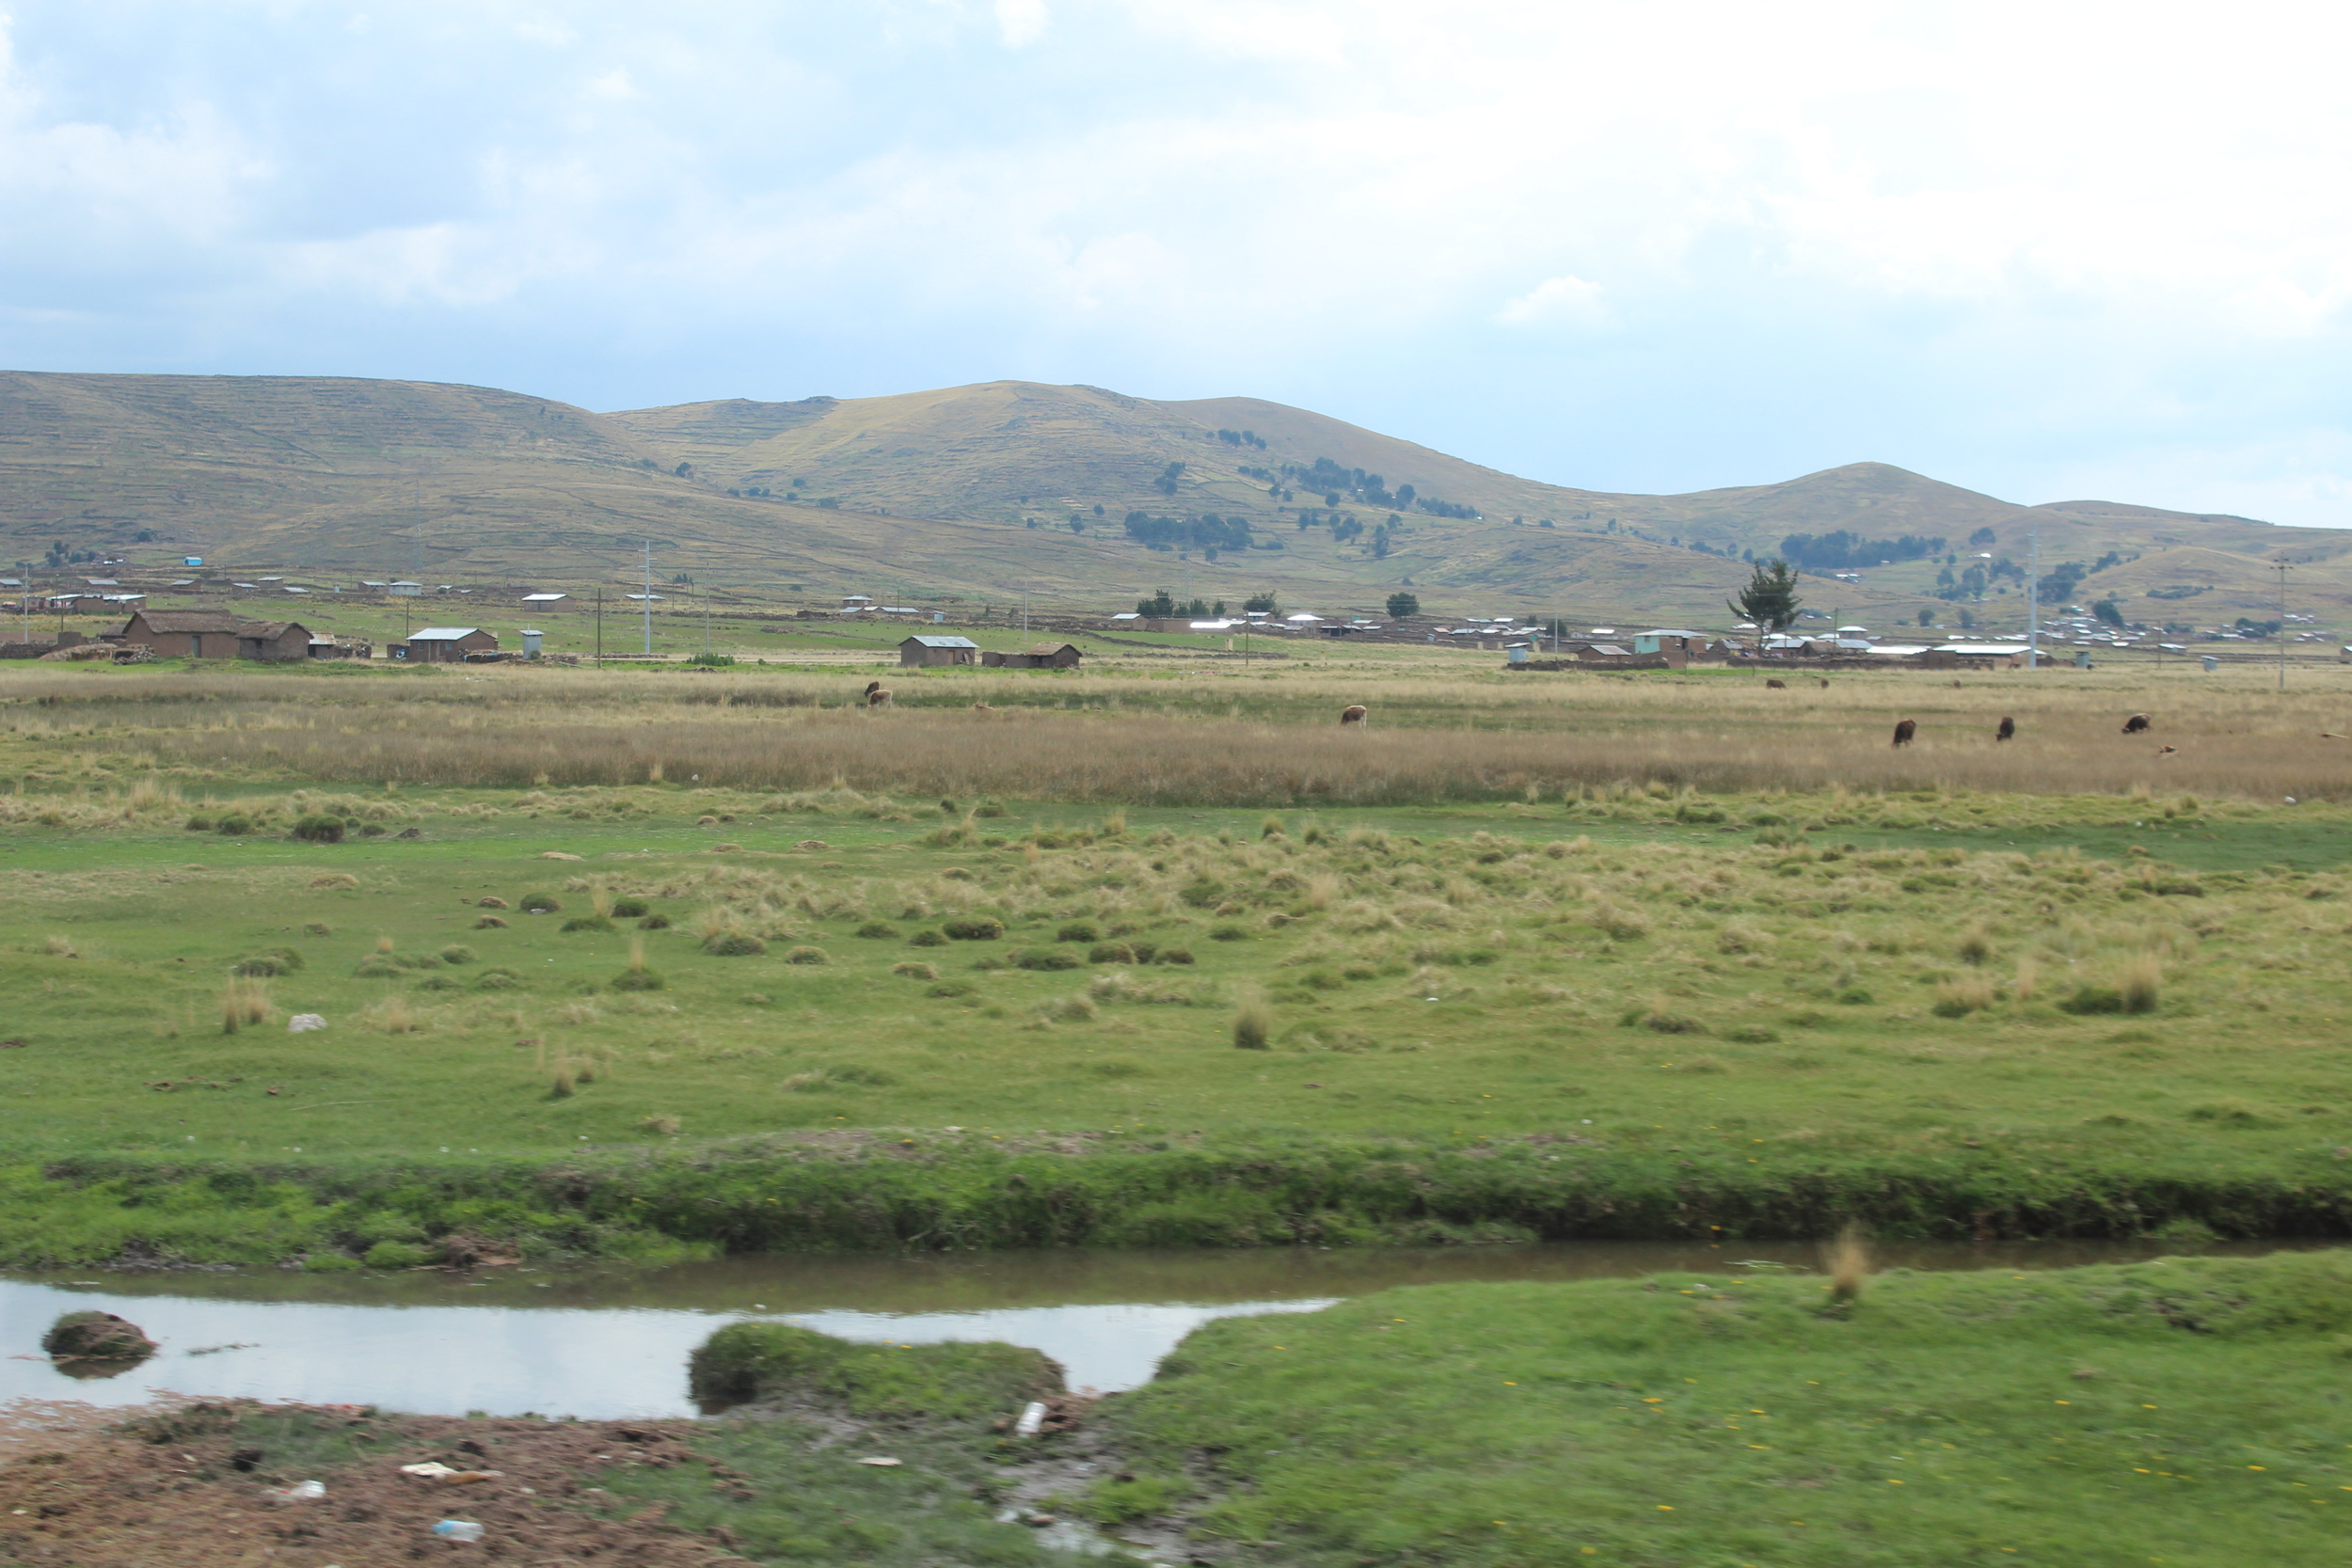 Las casas extremadamente apartadas unas de otras por cuerdas y cuerdas de un verdor plano. Foto: Javier Vélez